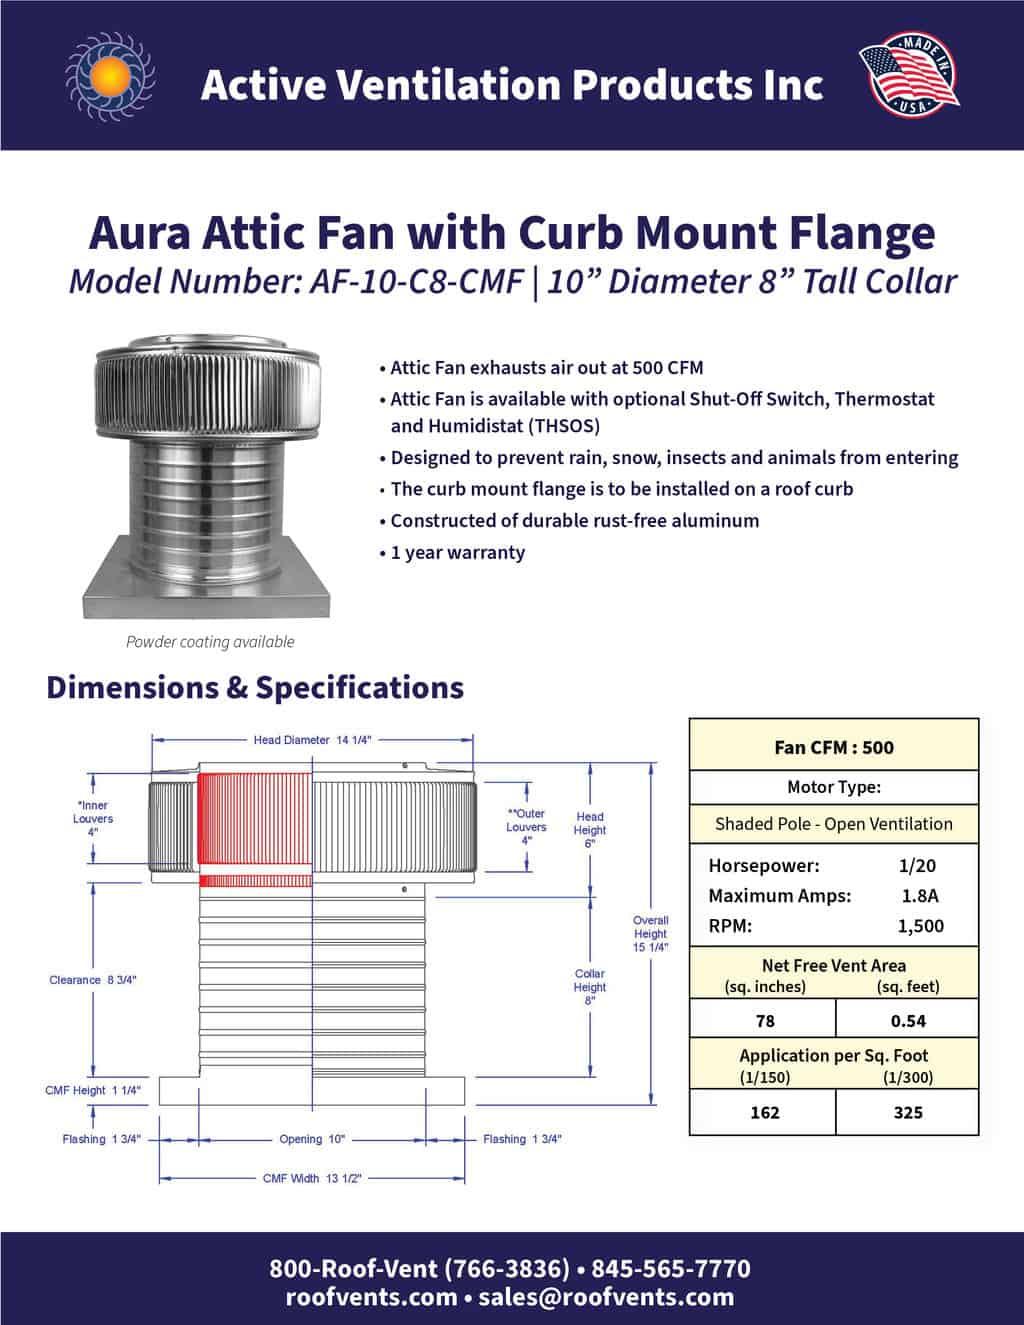 AF-10-C8-CMF-brochure An Exhaust Attic Fan